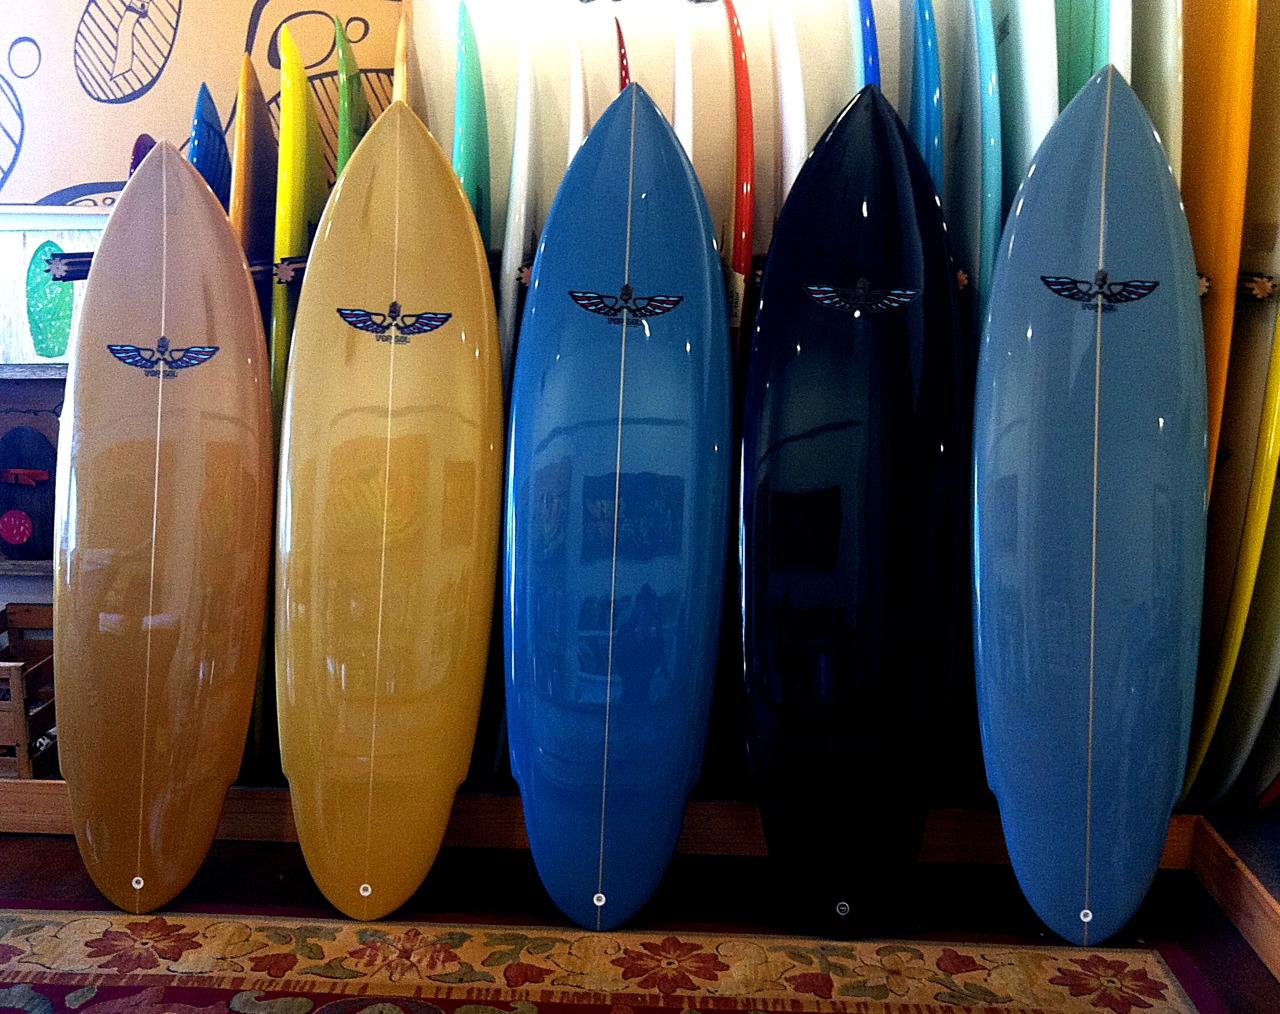 Surfboards - Disenos de tablas de surf ...